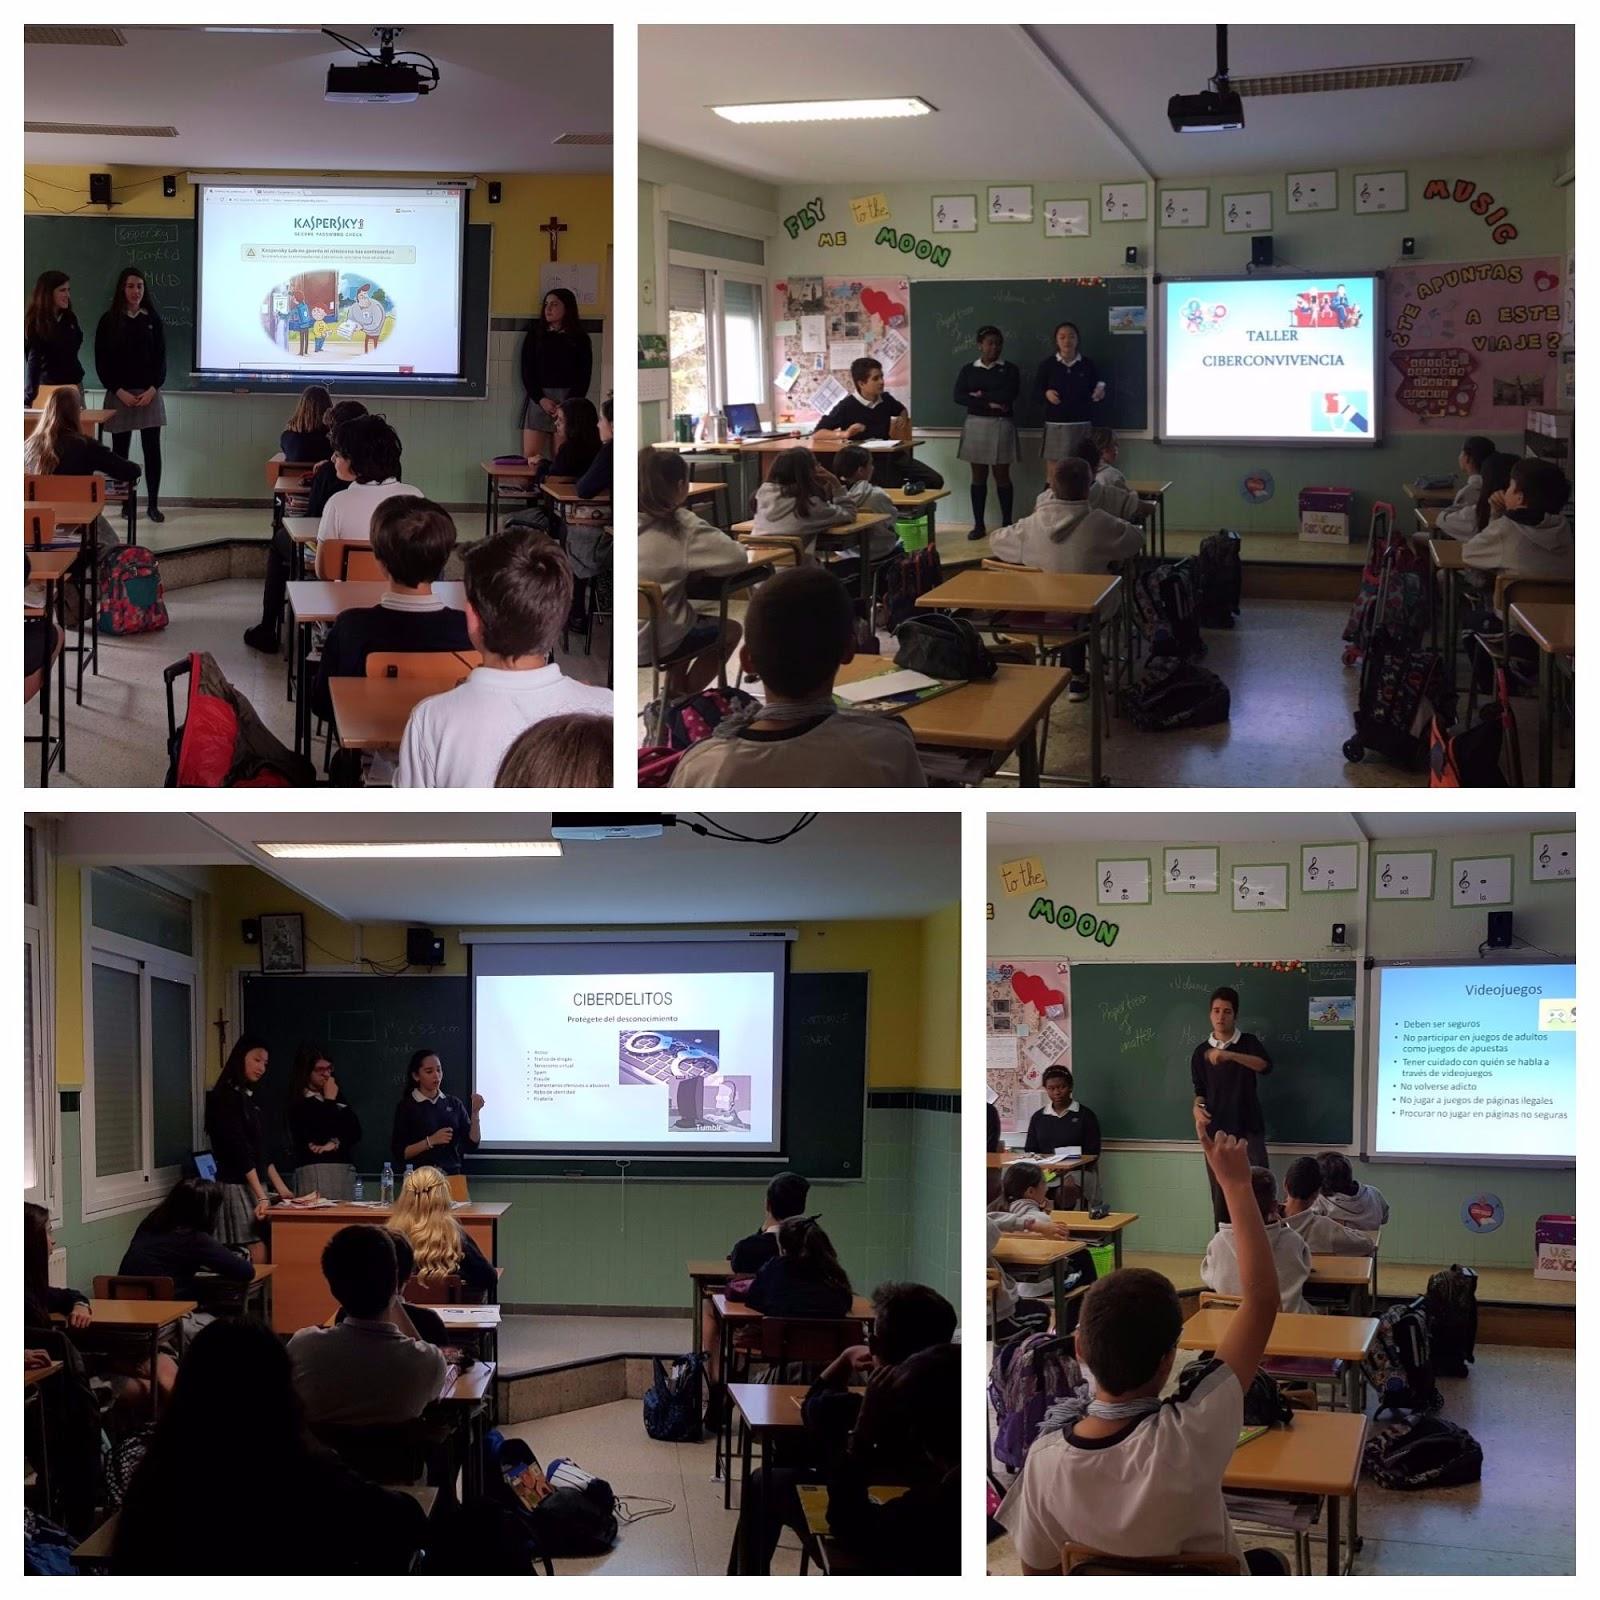 Agustinas Valladolid - 2017 - ESO - CiberConvivencia